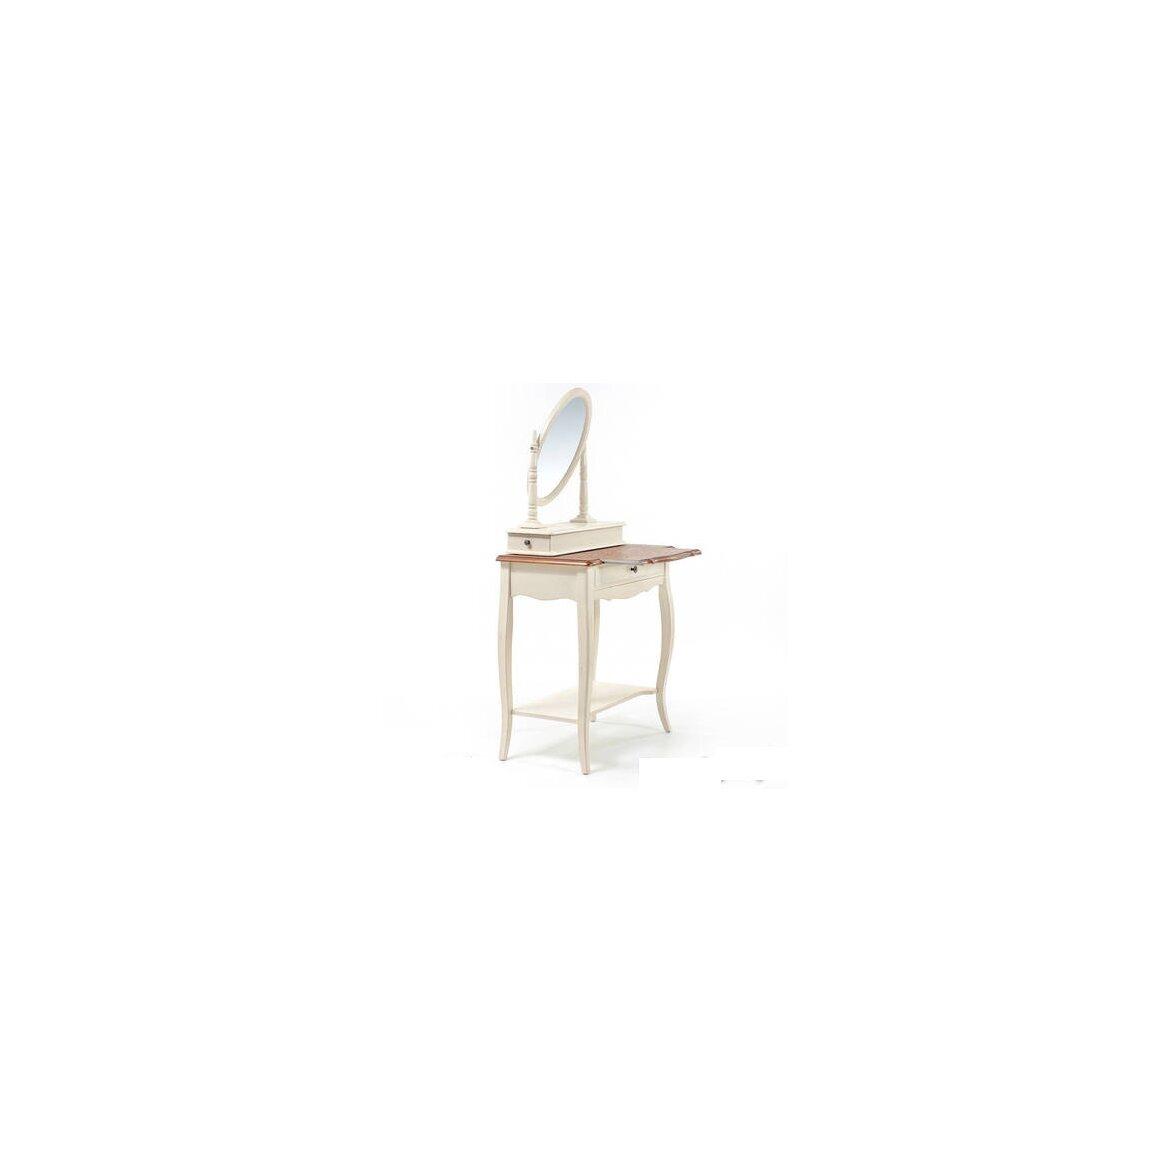 Туалетный столик с овальным зеркалом Leontina, бежевого цвета 6   Туалетные столики Kingsby